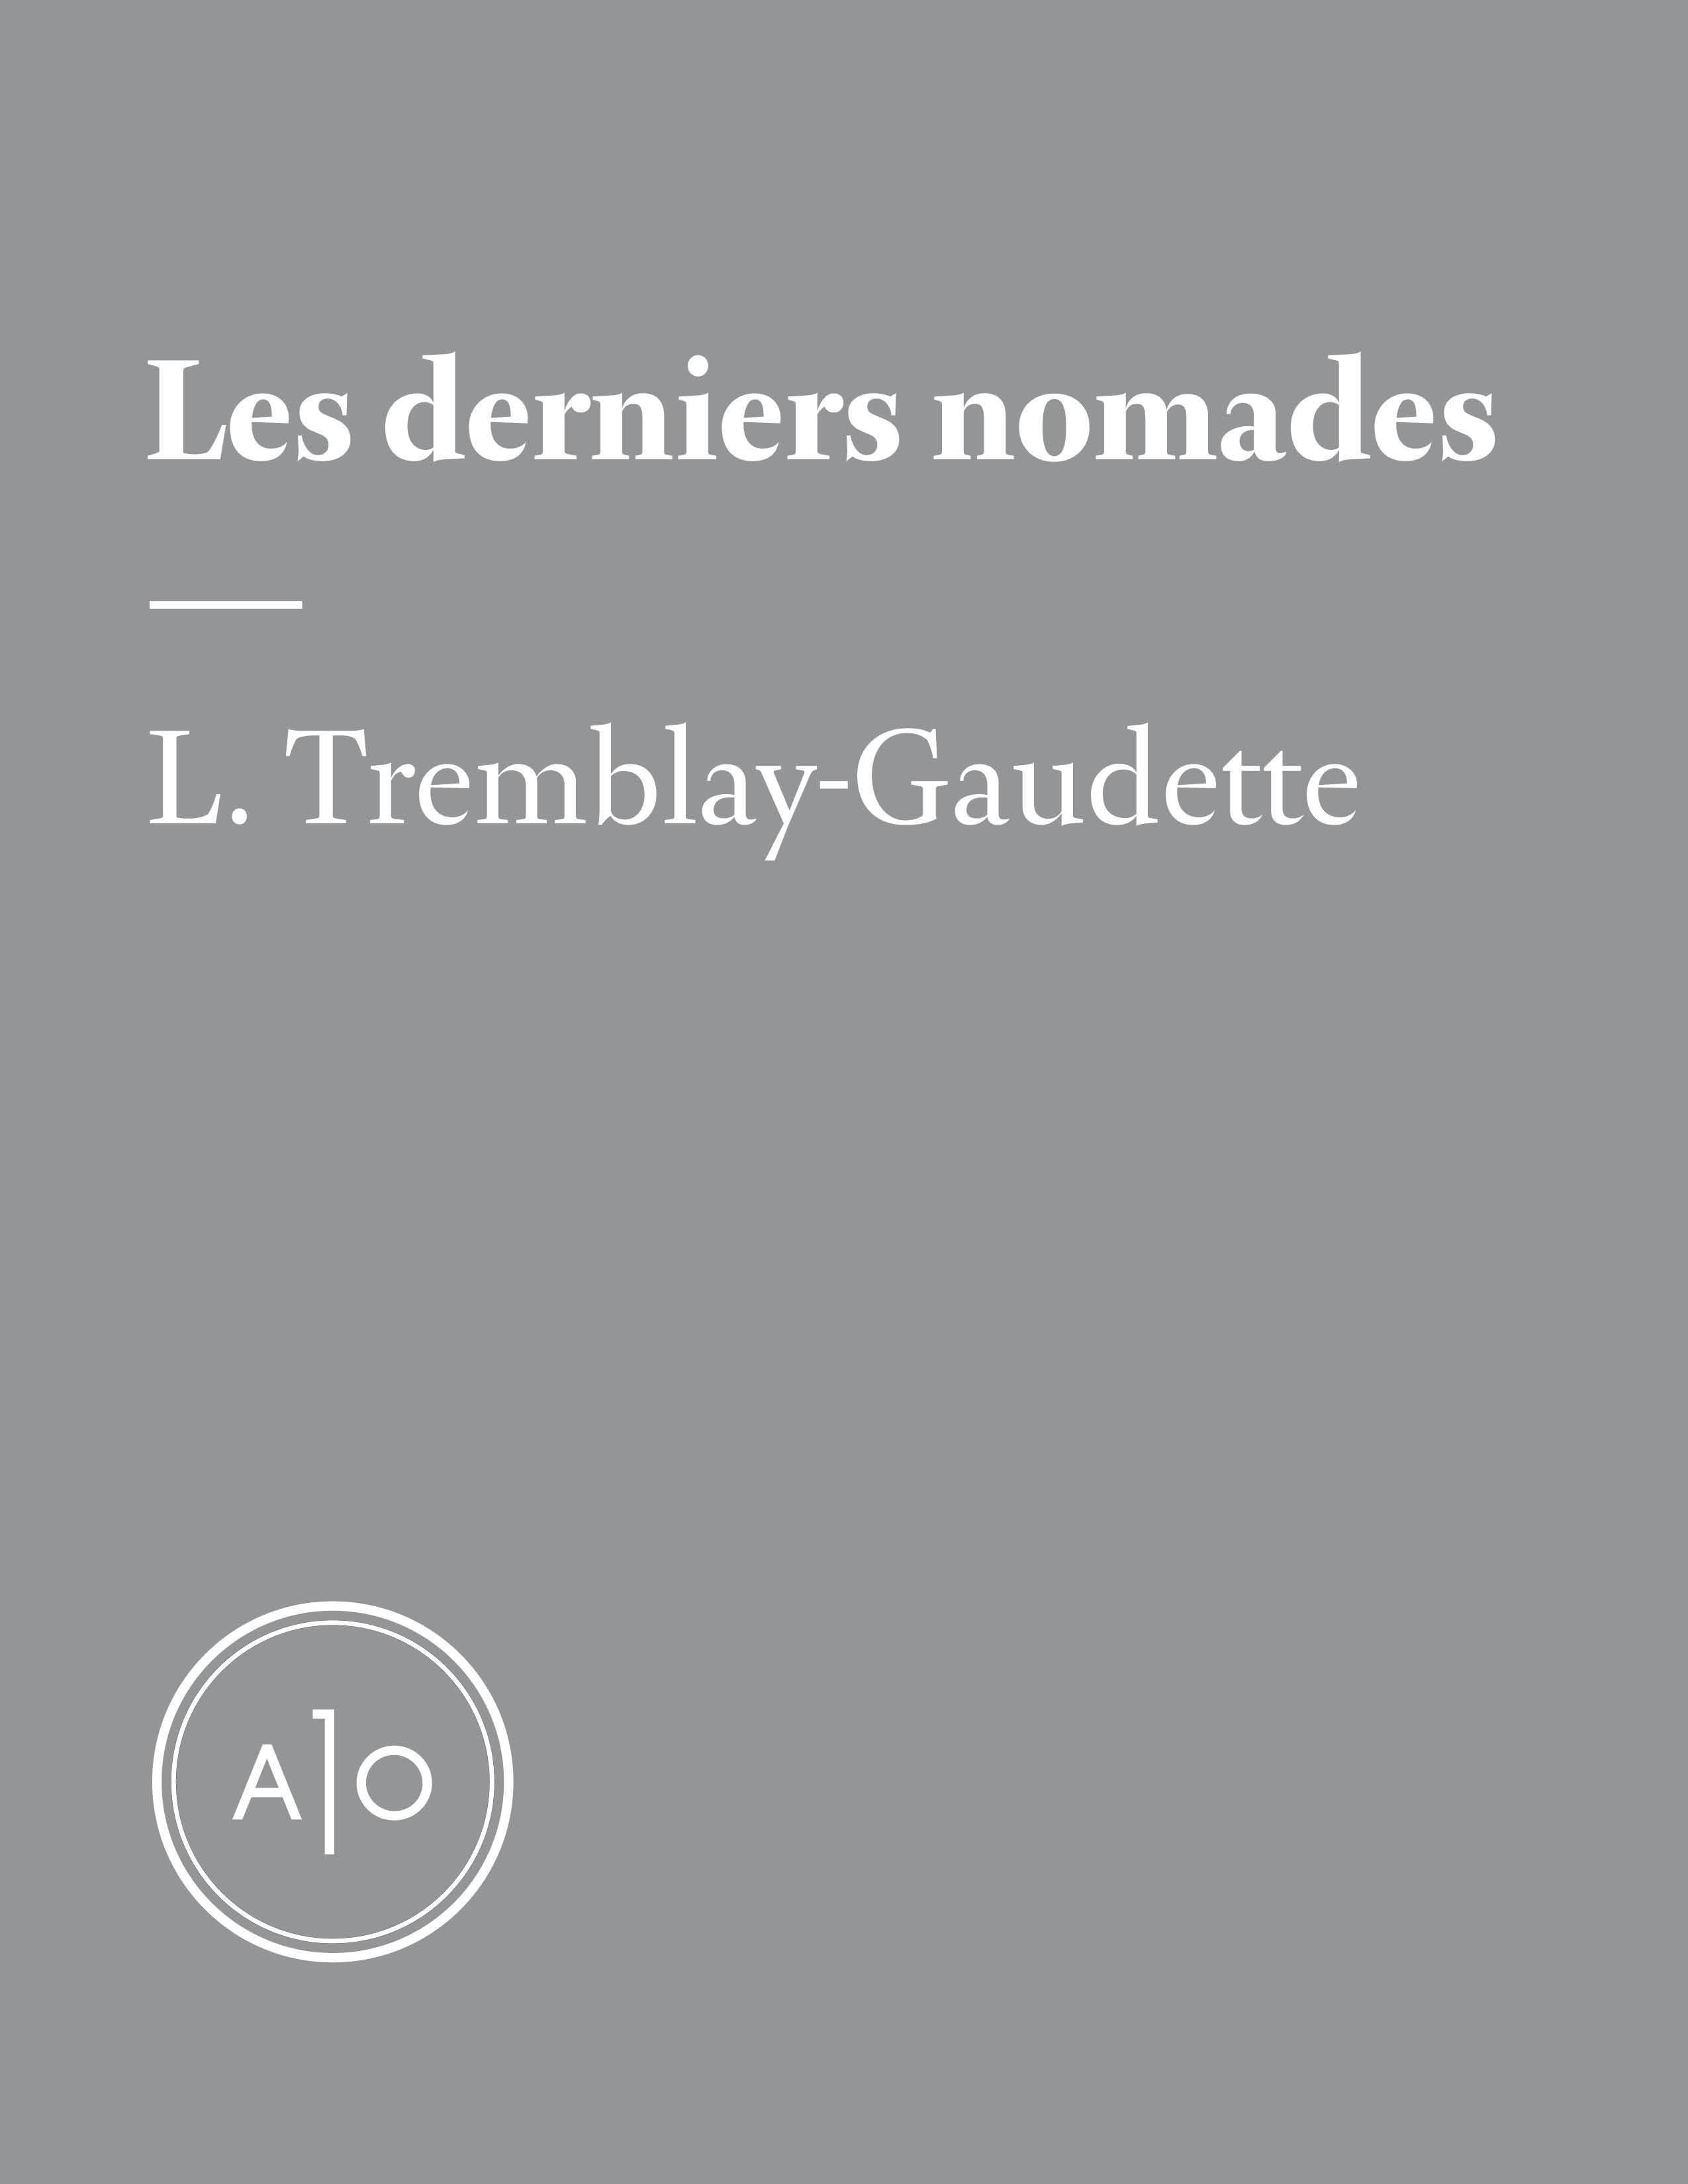 Les derniers nomades